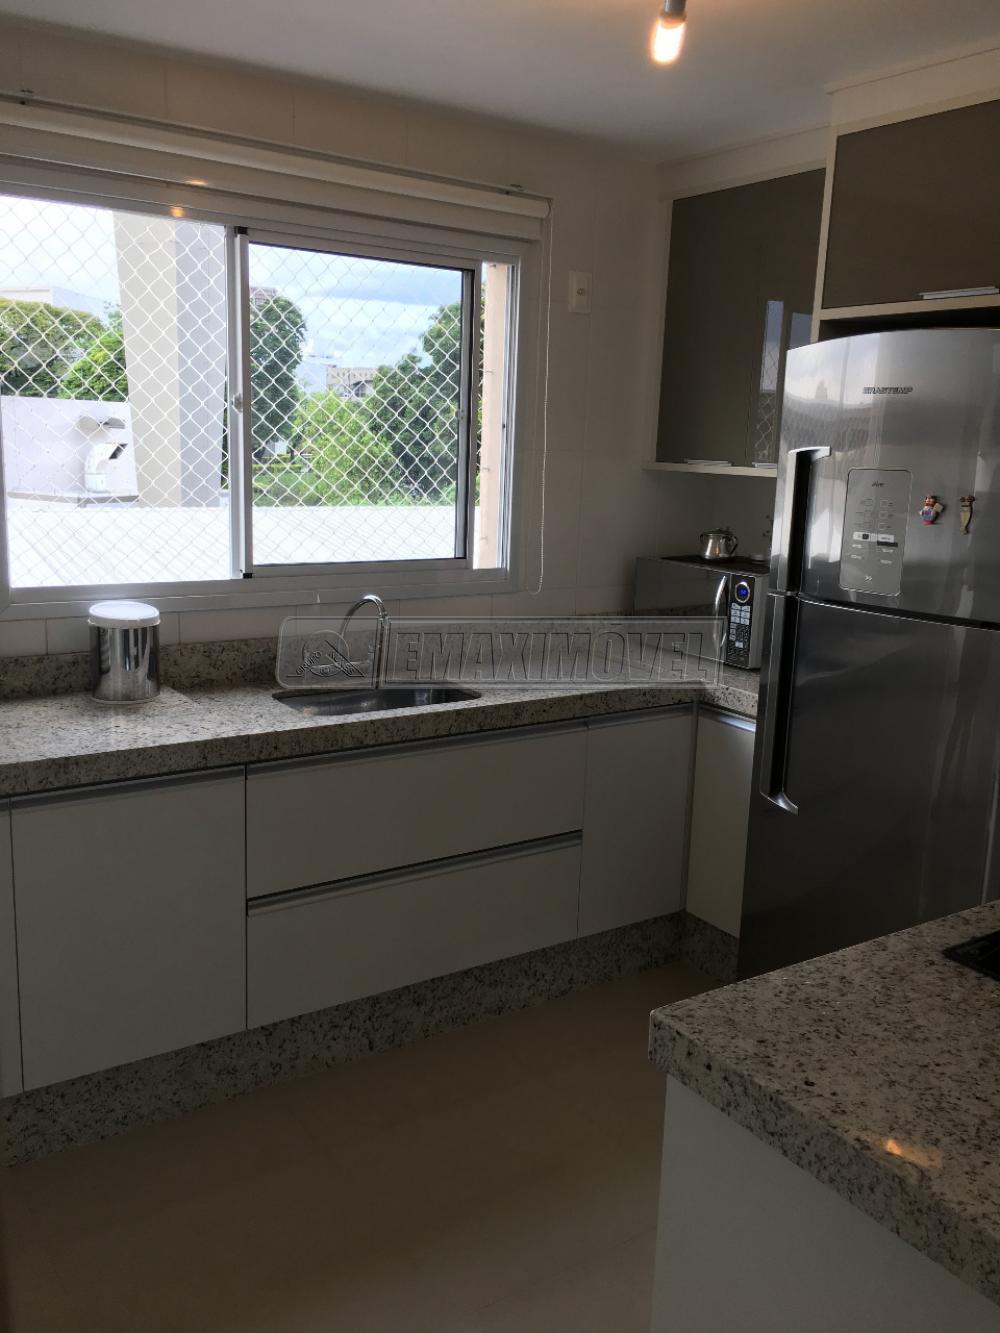 Comprar Apartamentos / Apto Padrão em Sorocaba apenas R$ 580.000,00 - Foto 11